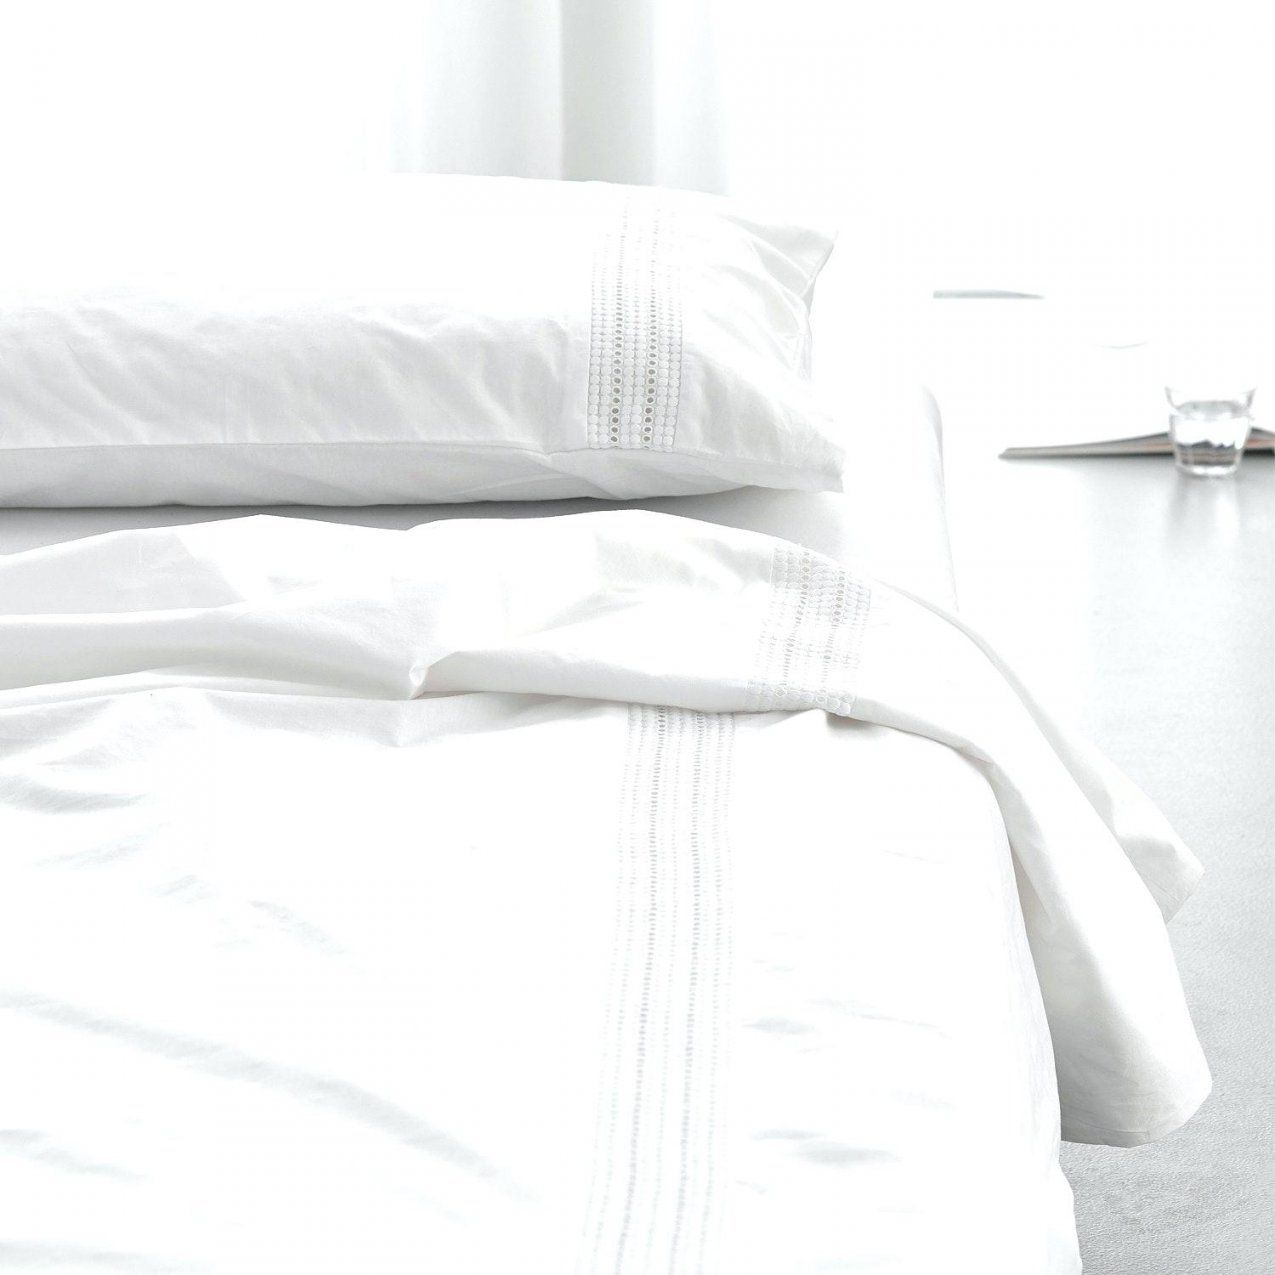 Weisse Bettwasche Intelligente Ideen Weia Spitze Und Schane Mit Haus von Weiße Bettwäsche Mit Spitze Bild